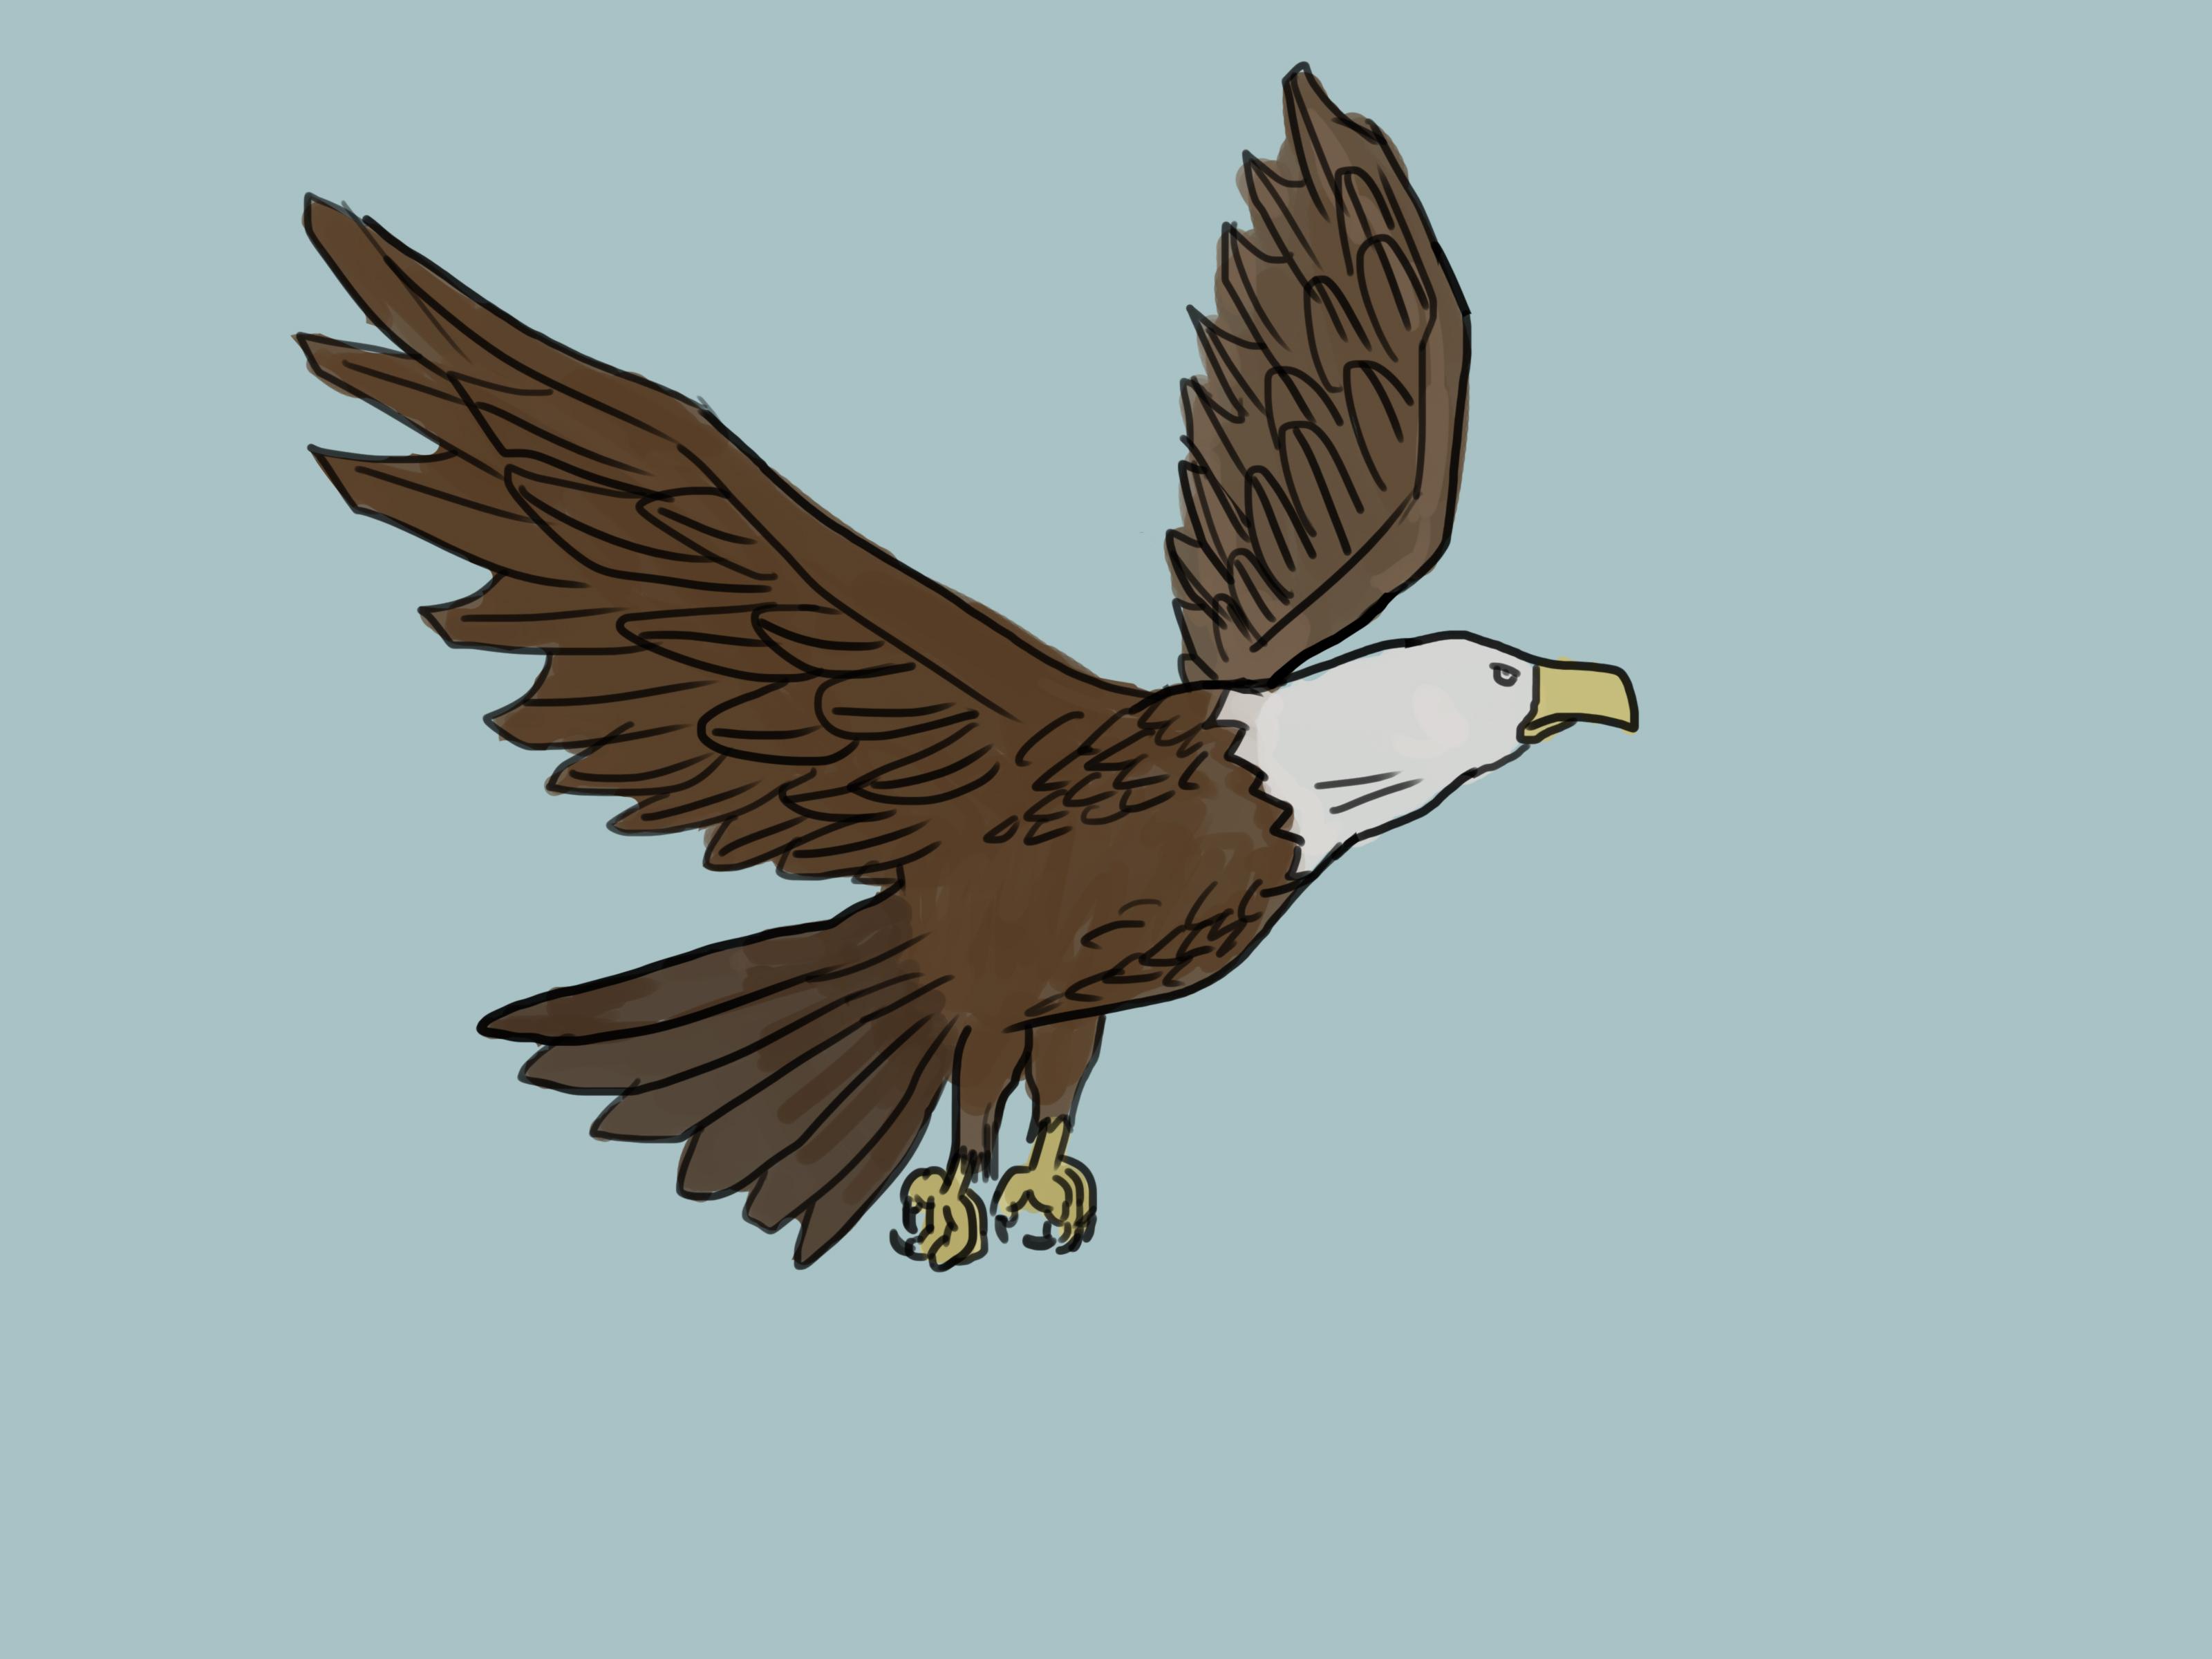 3200x2400 4 Ways To Draw An Eagle